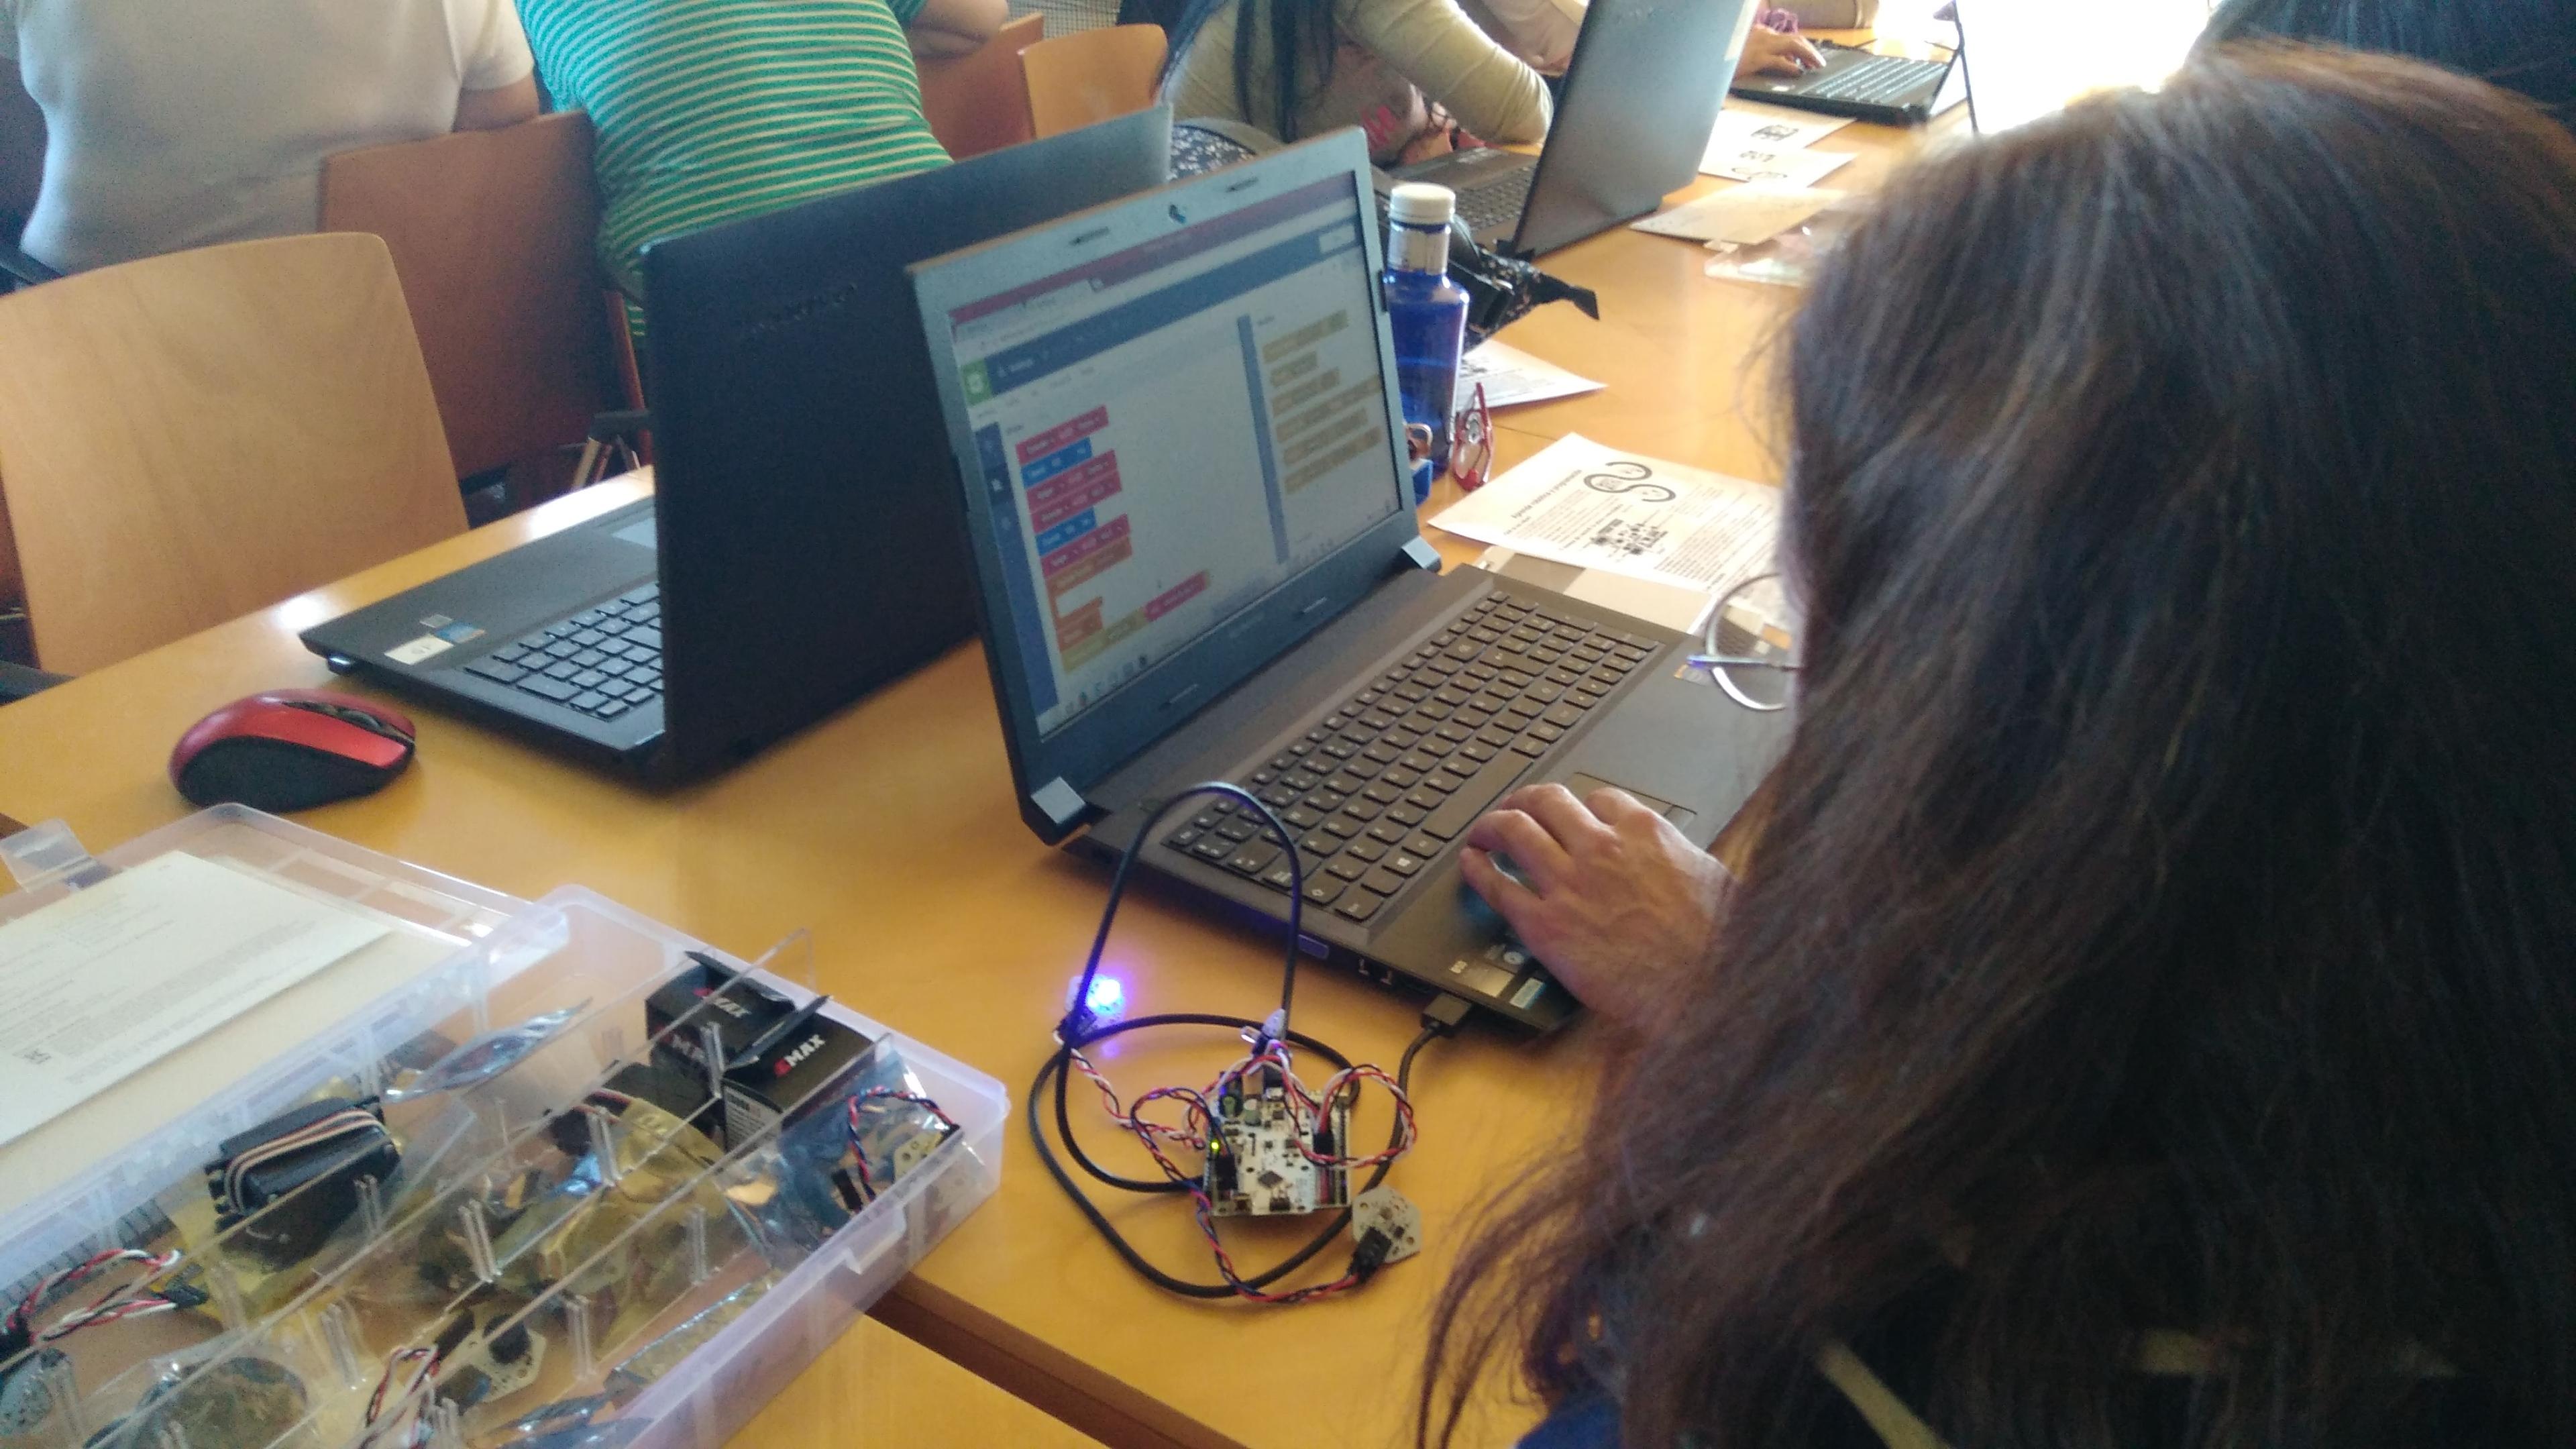 I Jornada de Programación, Robótica e Impresión 3D en educación para adultos. 04-04-2017 38